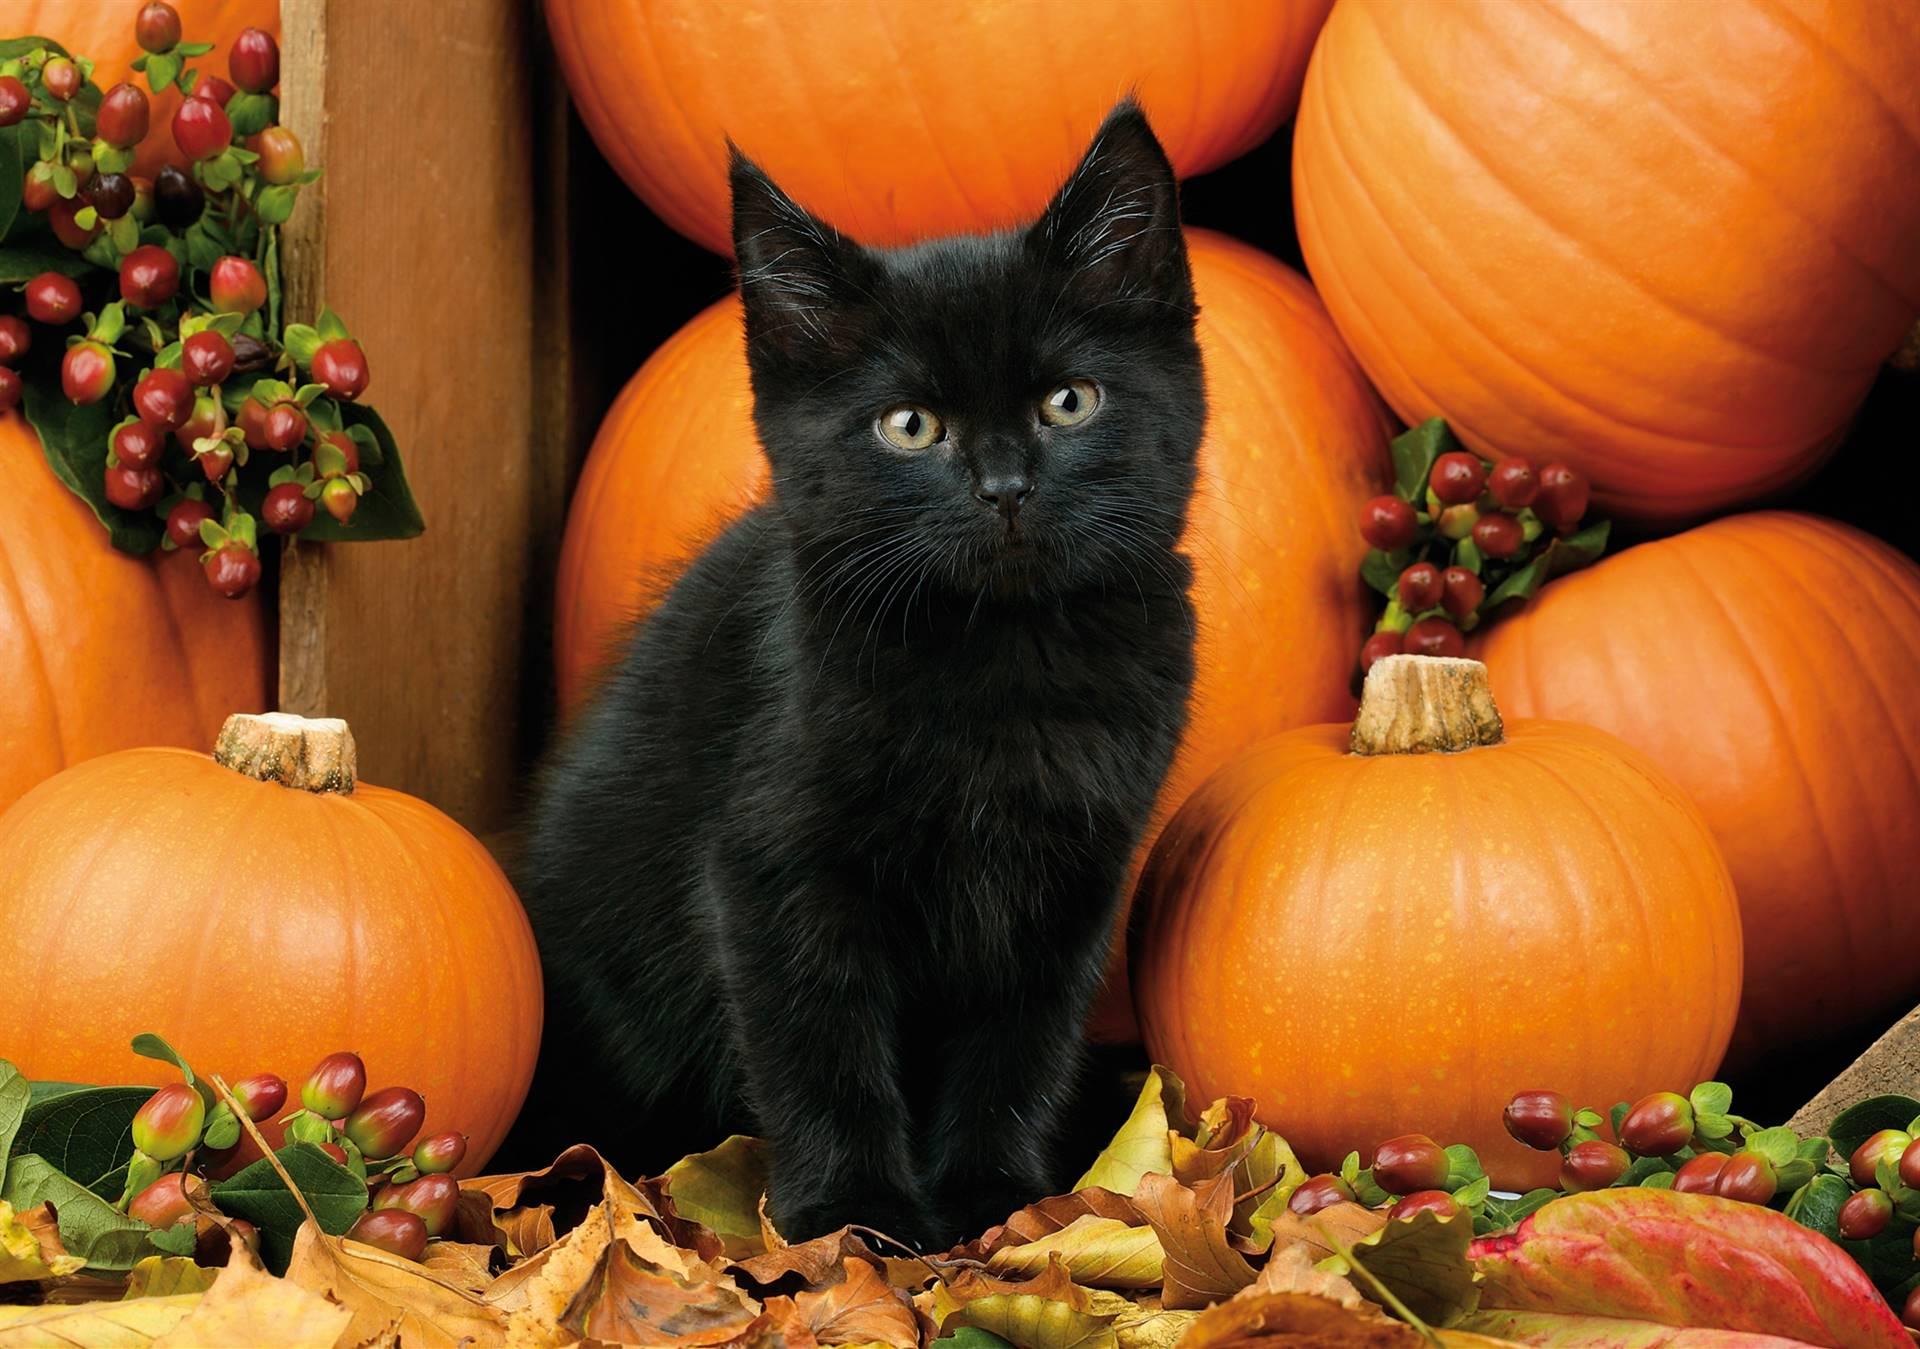 Black kitten among pumkins